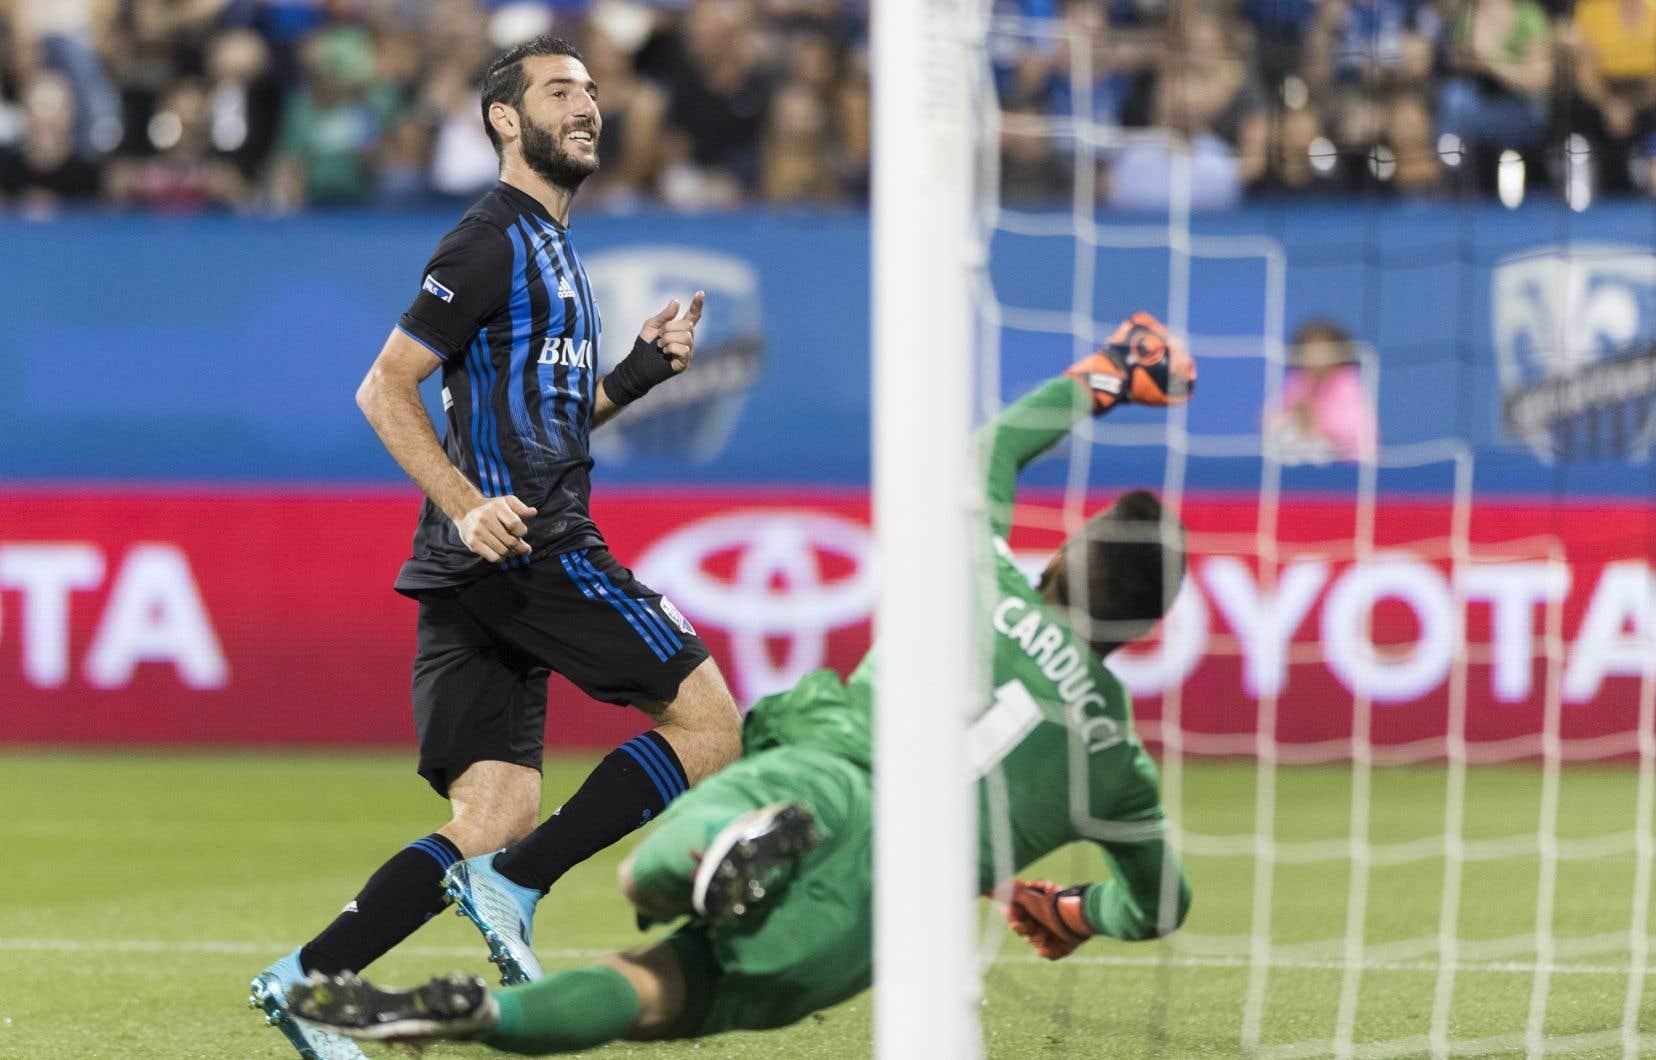 Au retour de la mi-temps, Ignacio Piatti a réussi son deuxième but du match à la 49e minute, à la suite d'une belle passe de Bacary Sagna.